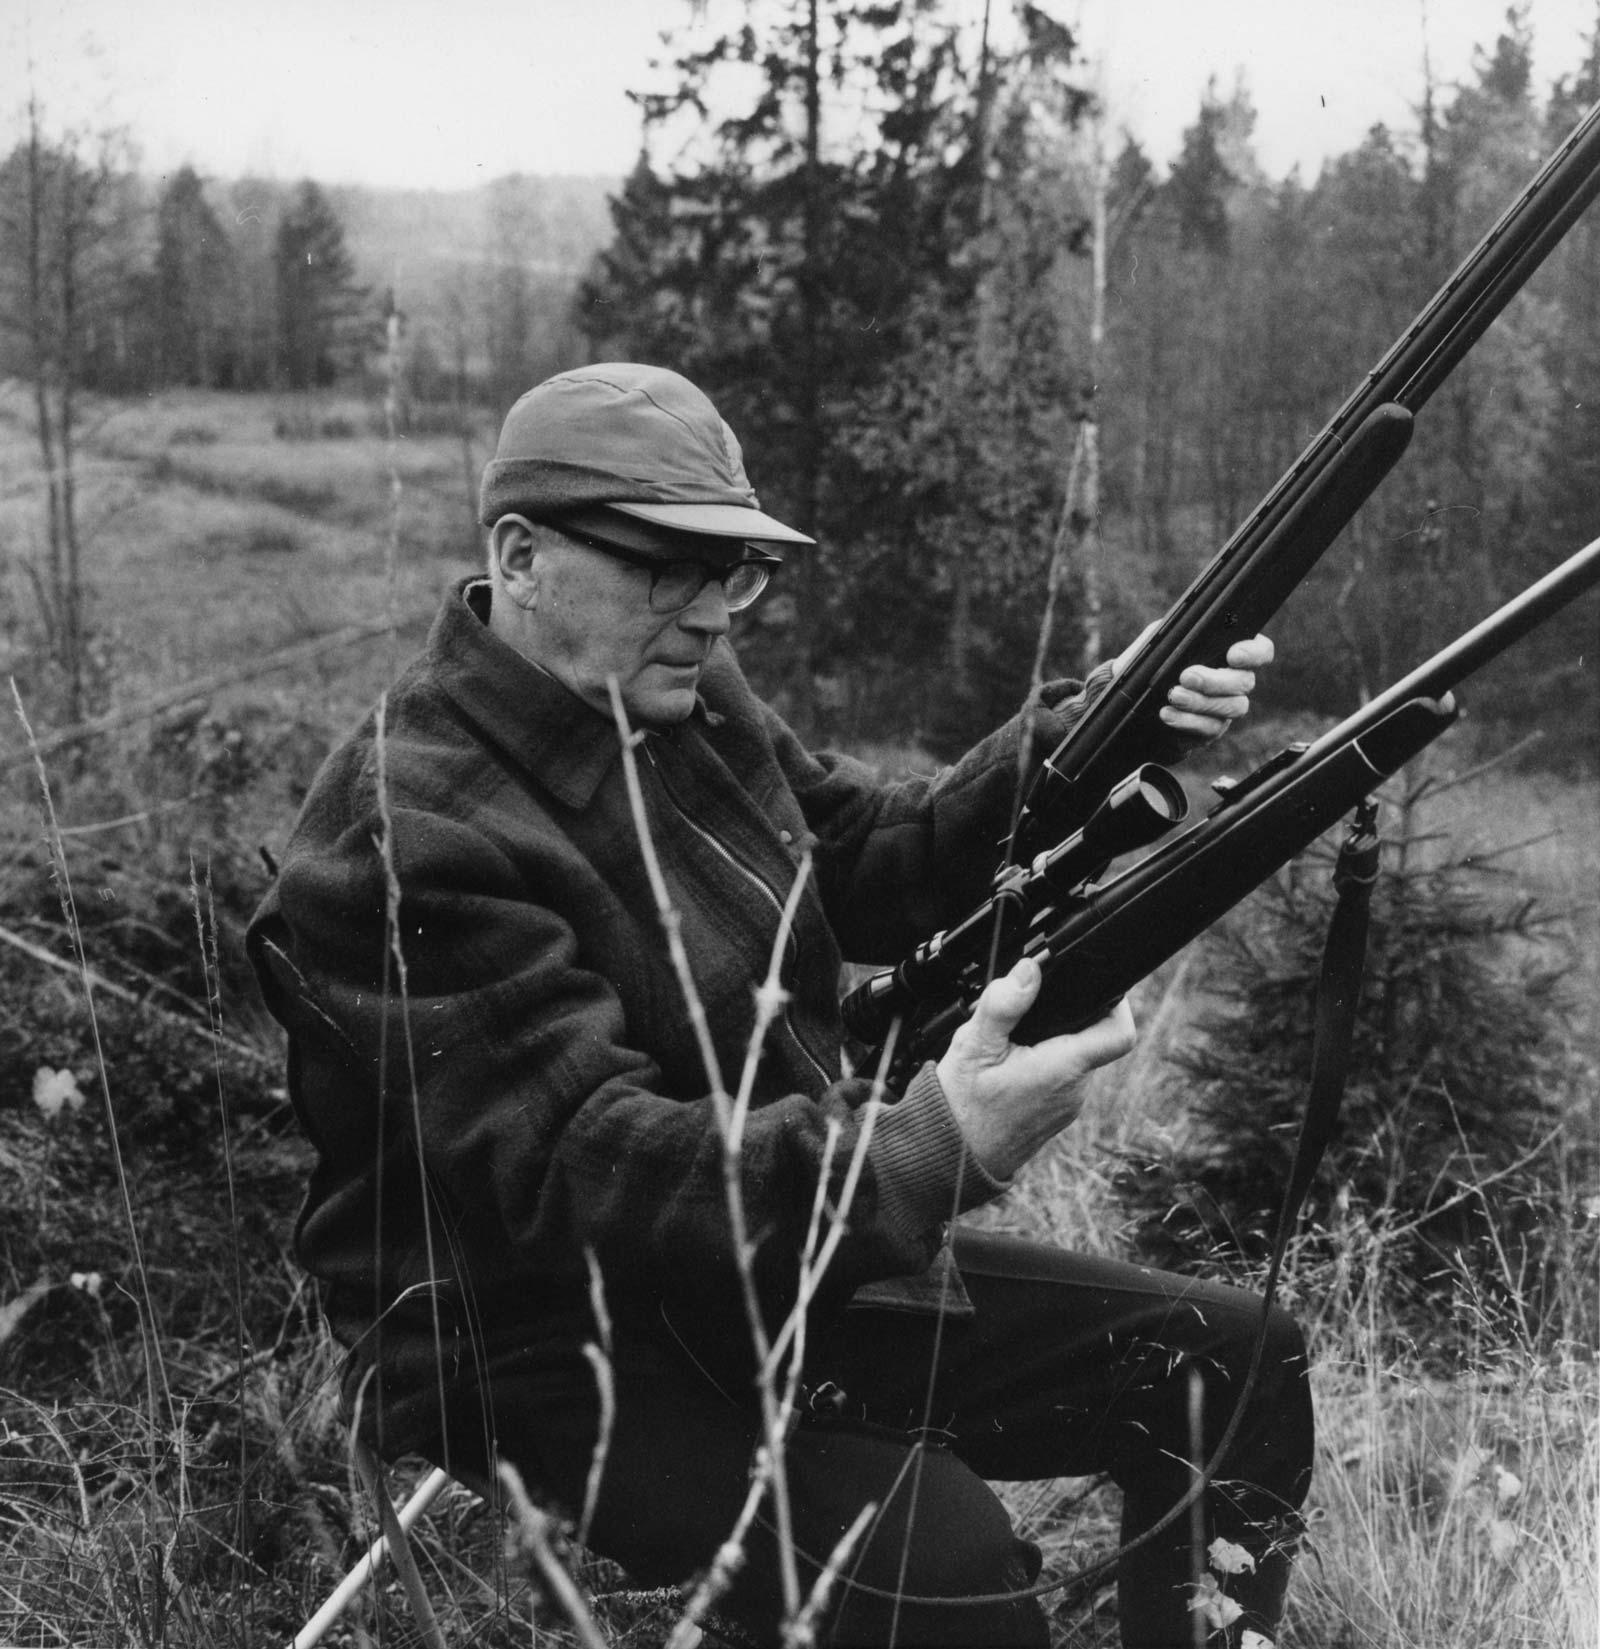 Maa- ja metsätalousministeriö, Kala- ja riistaosaston kokoelmaan kuuluu tietysti kuva presidentti Kekkosesta.